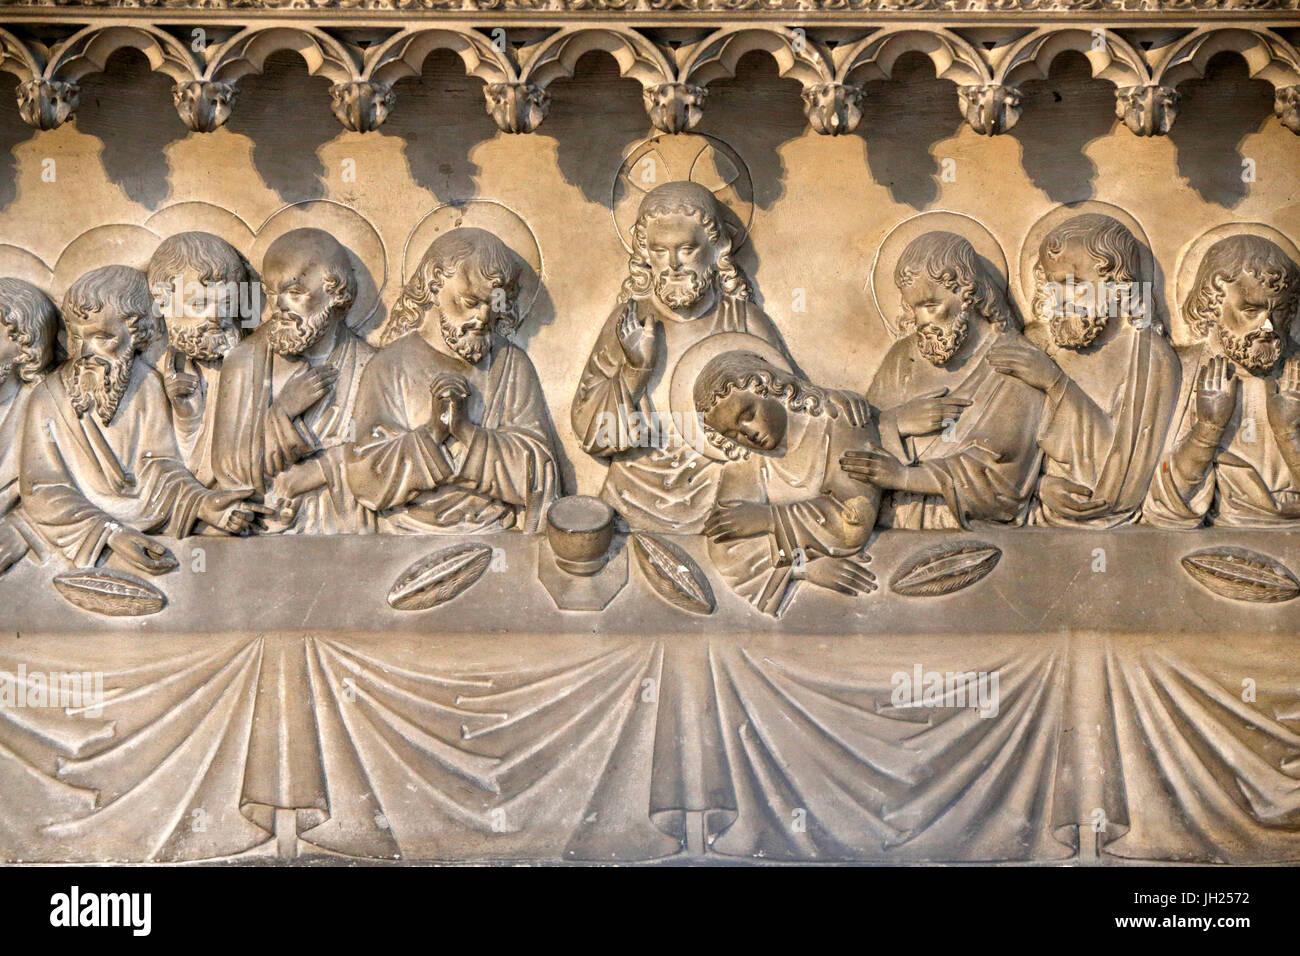 Cathédrale Notre-Dame de Rouen. Dernier Repas de secours. La France. Photo Stock